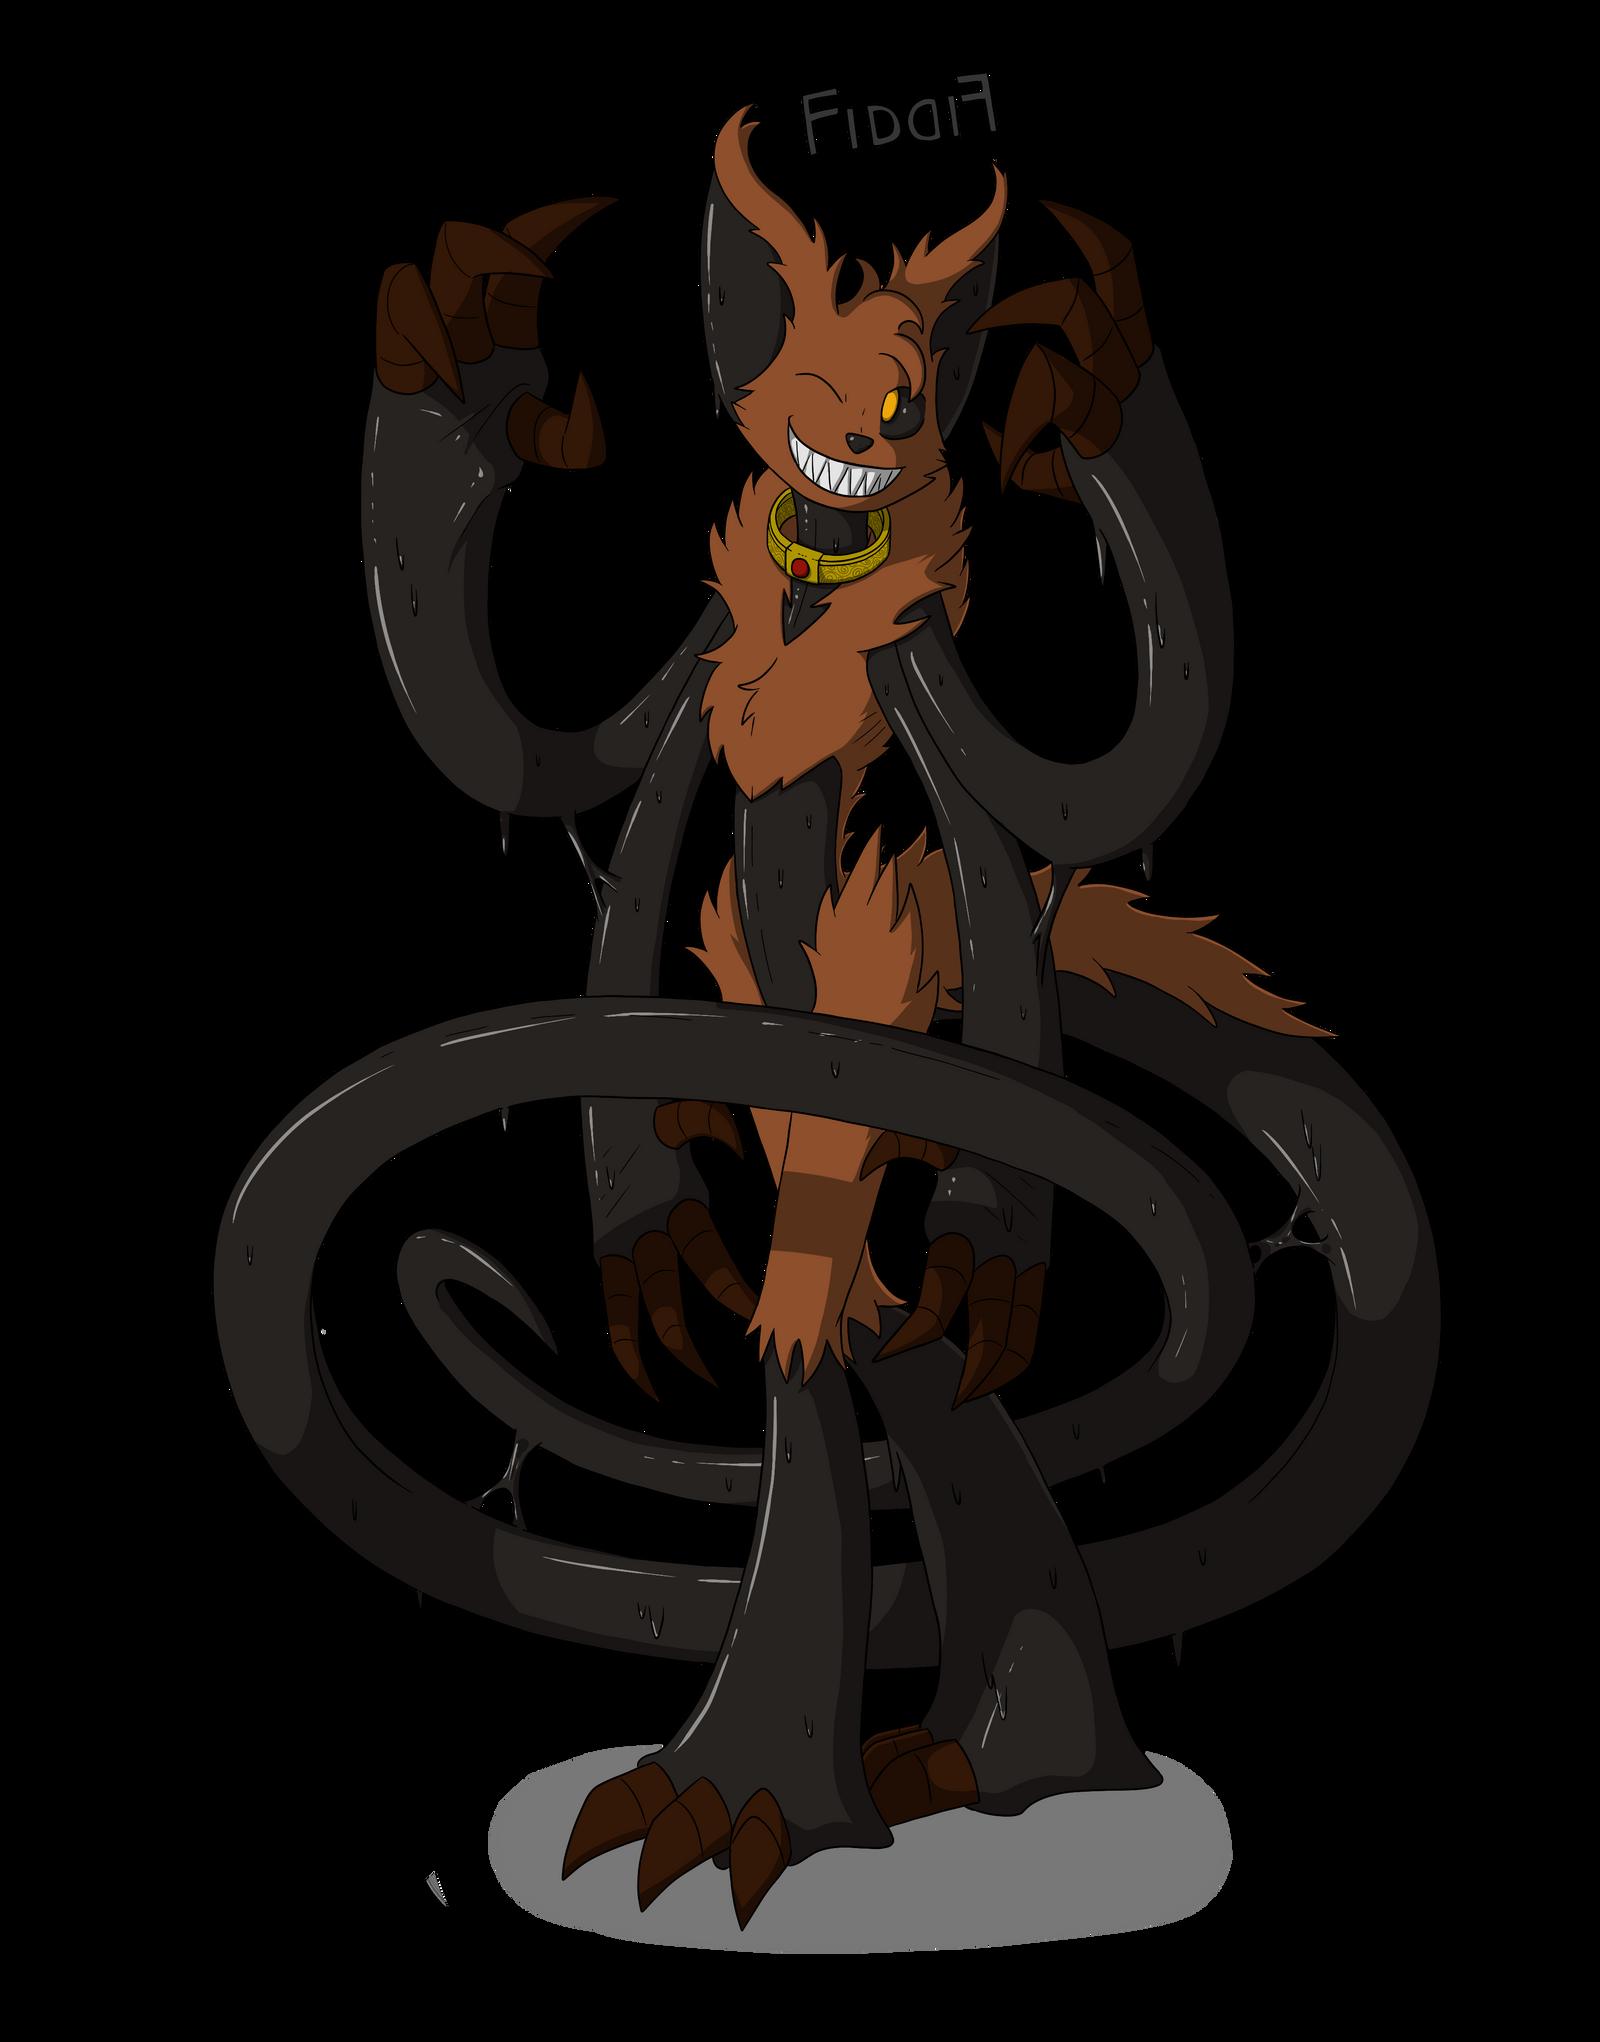 Fan Character: Fiddif